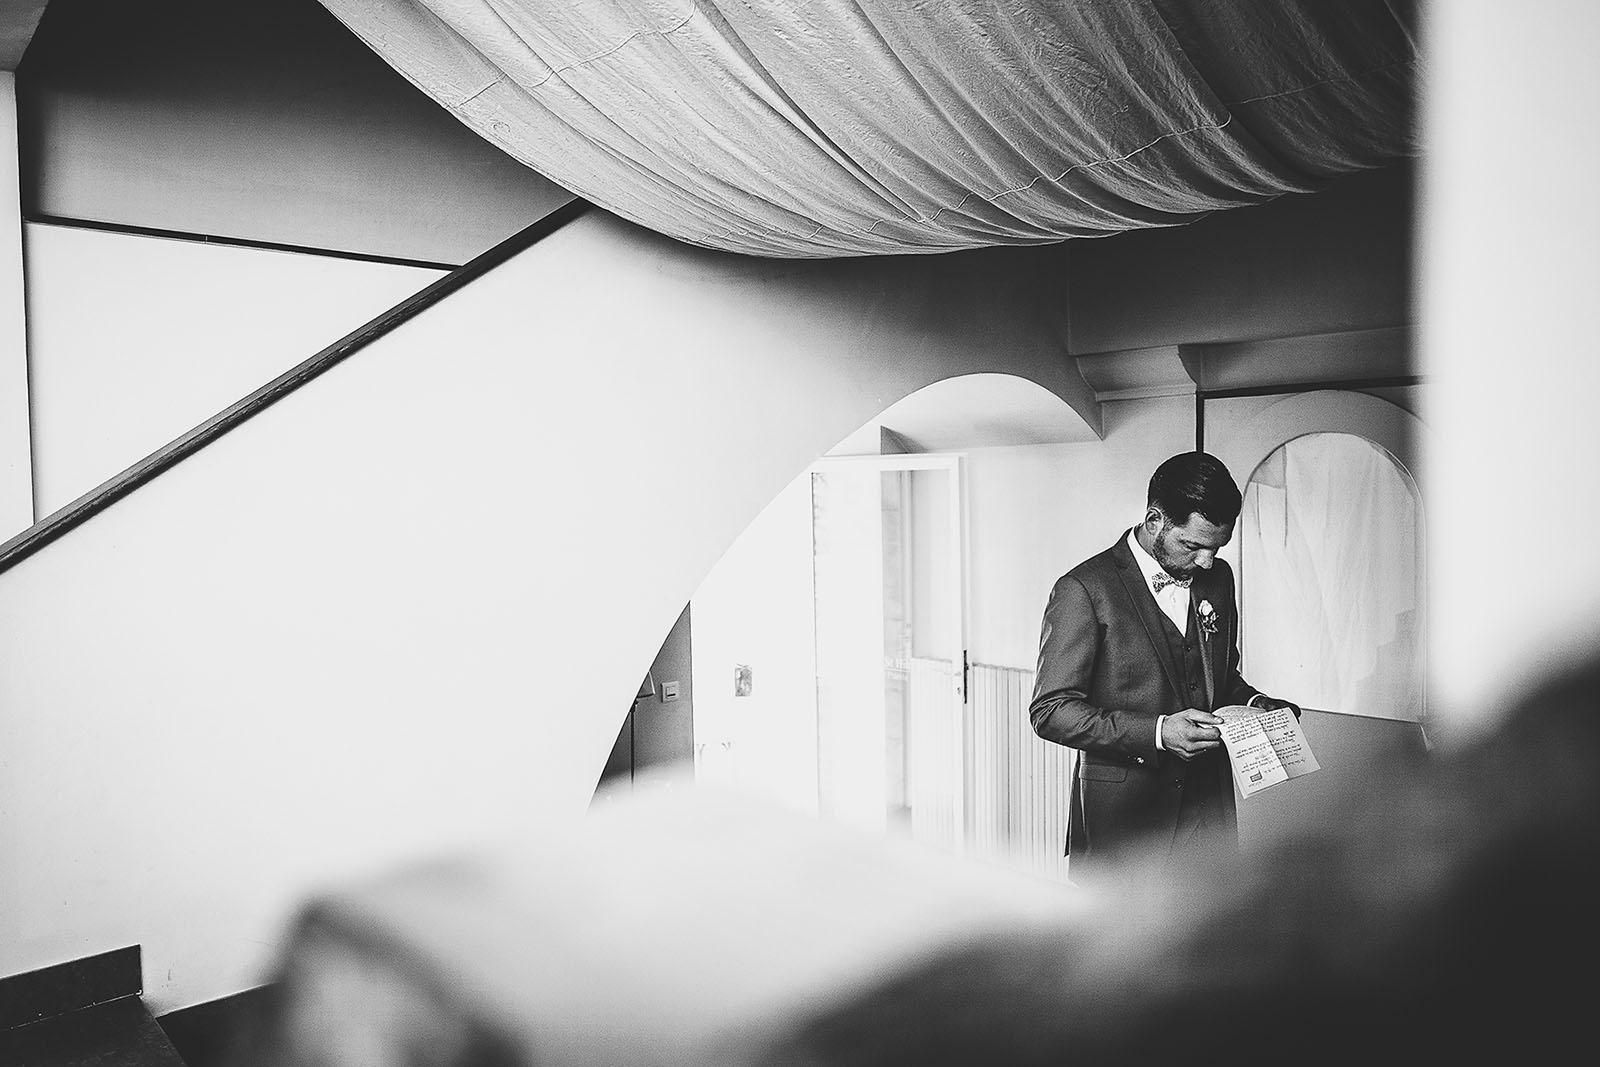 Mariage au Comptoir Saint Hilaire. Le marié lit une lettre que sa femme lui a laissé avant le mariage